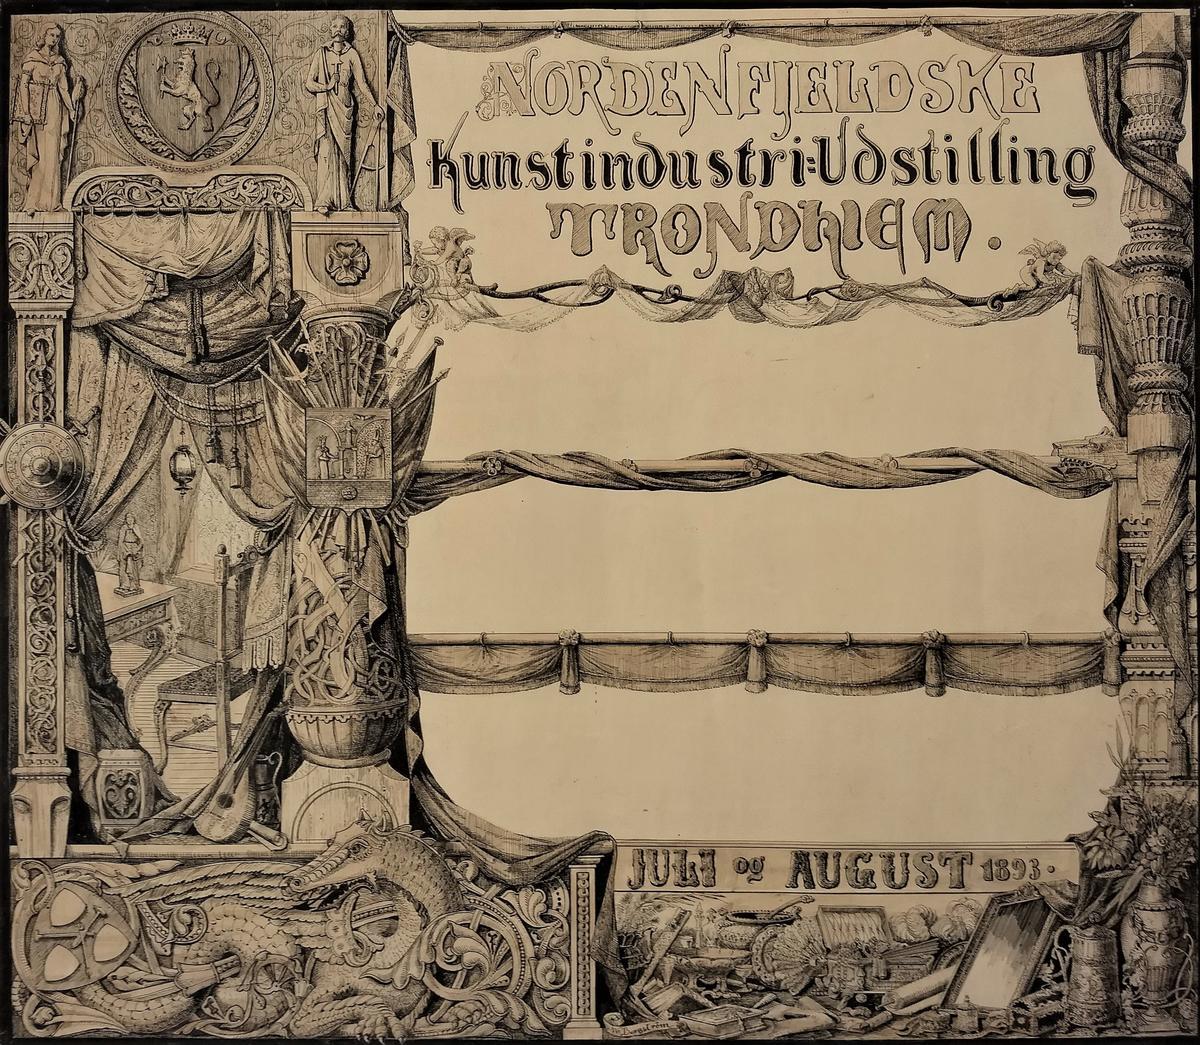 Plakat for Nordenfjeldske Kunstindustriutstilling